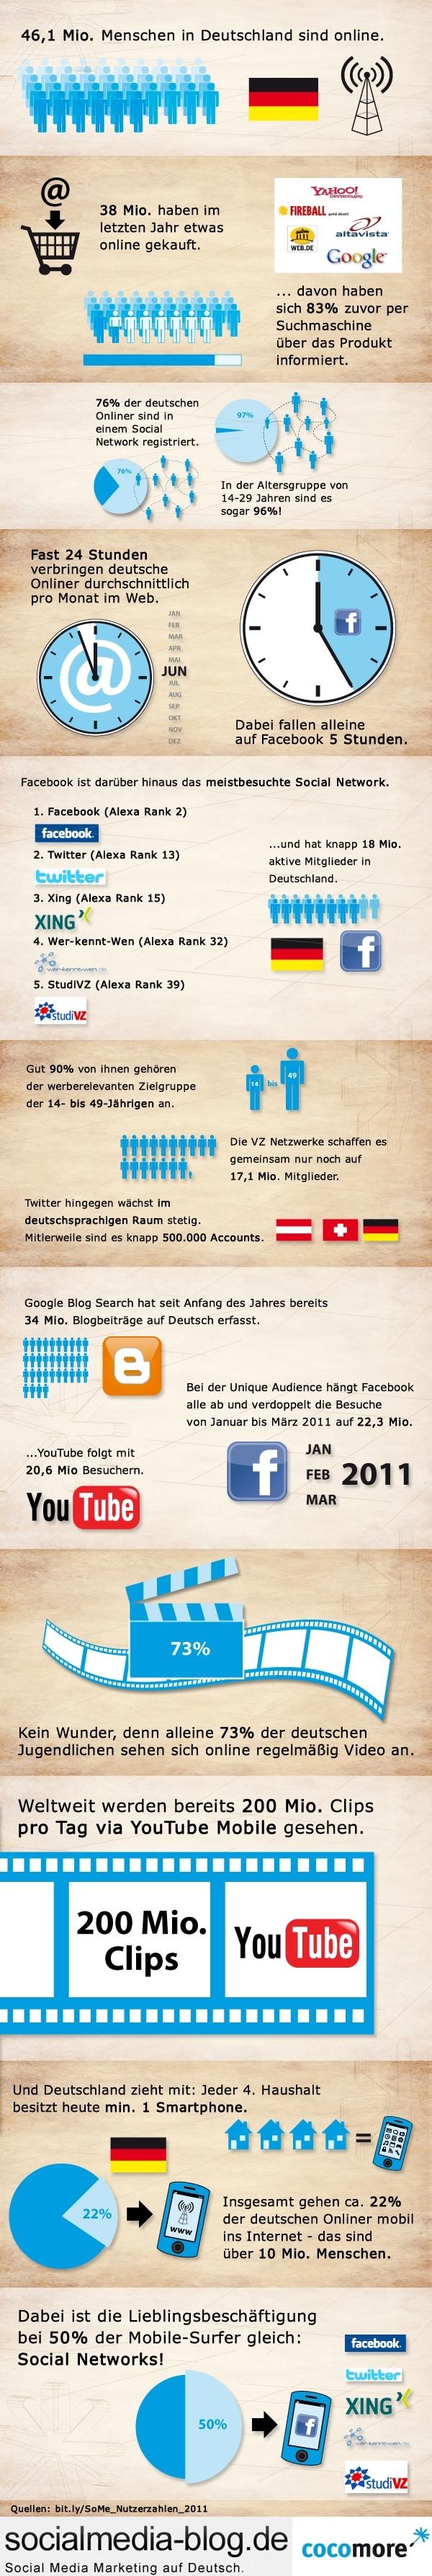 Das deutsche Social Web in Zahlen